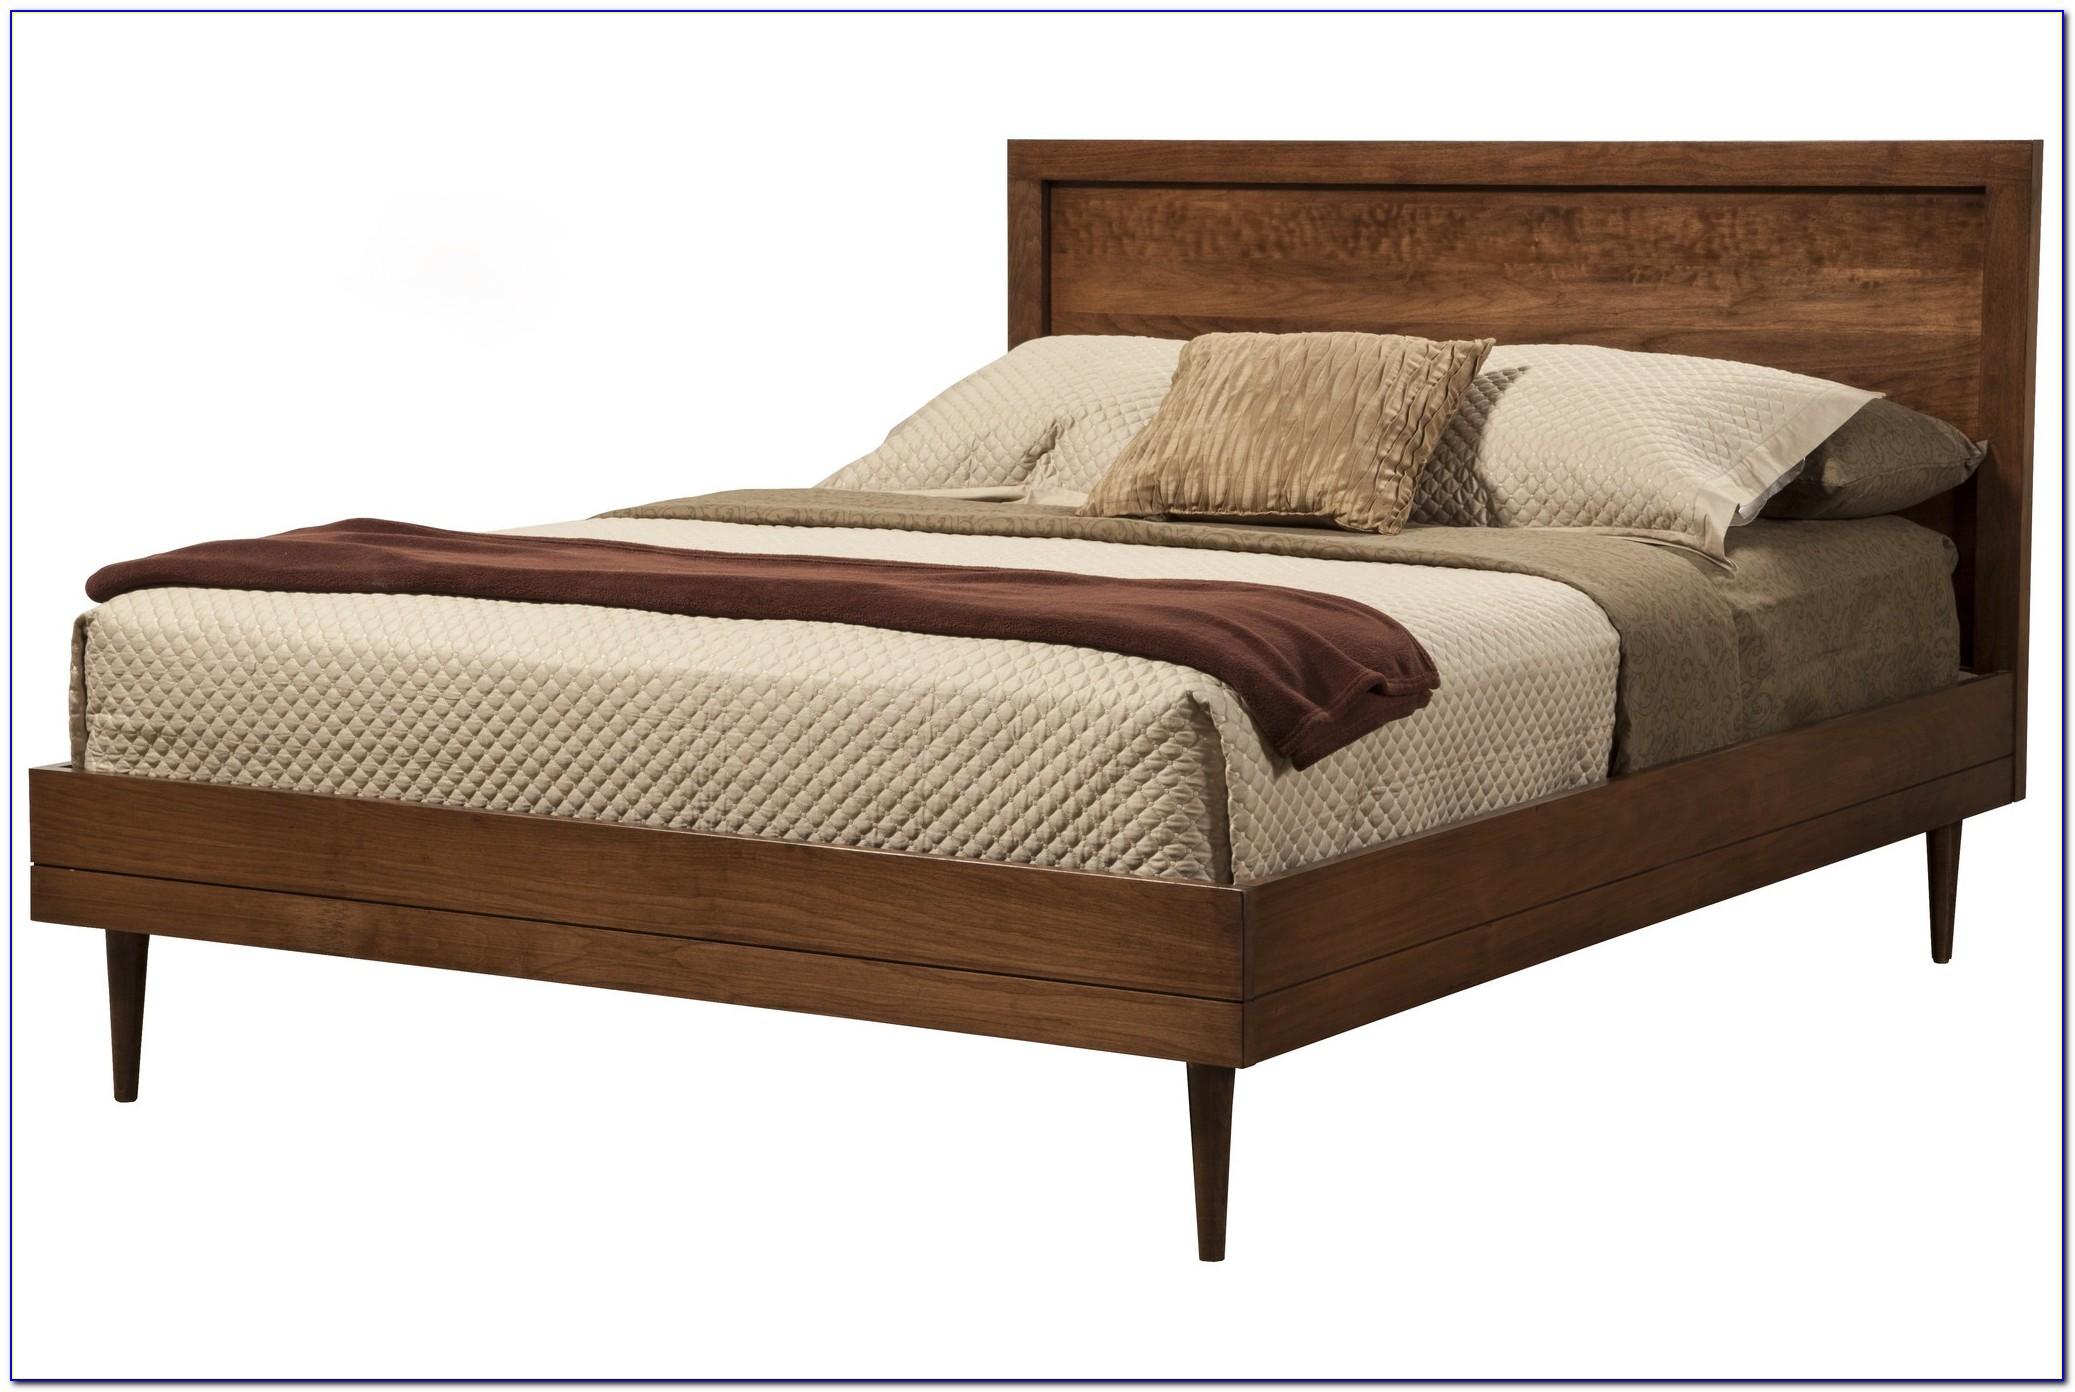 Width Of King Bed Headboard